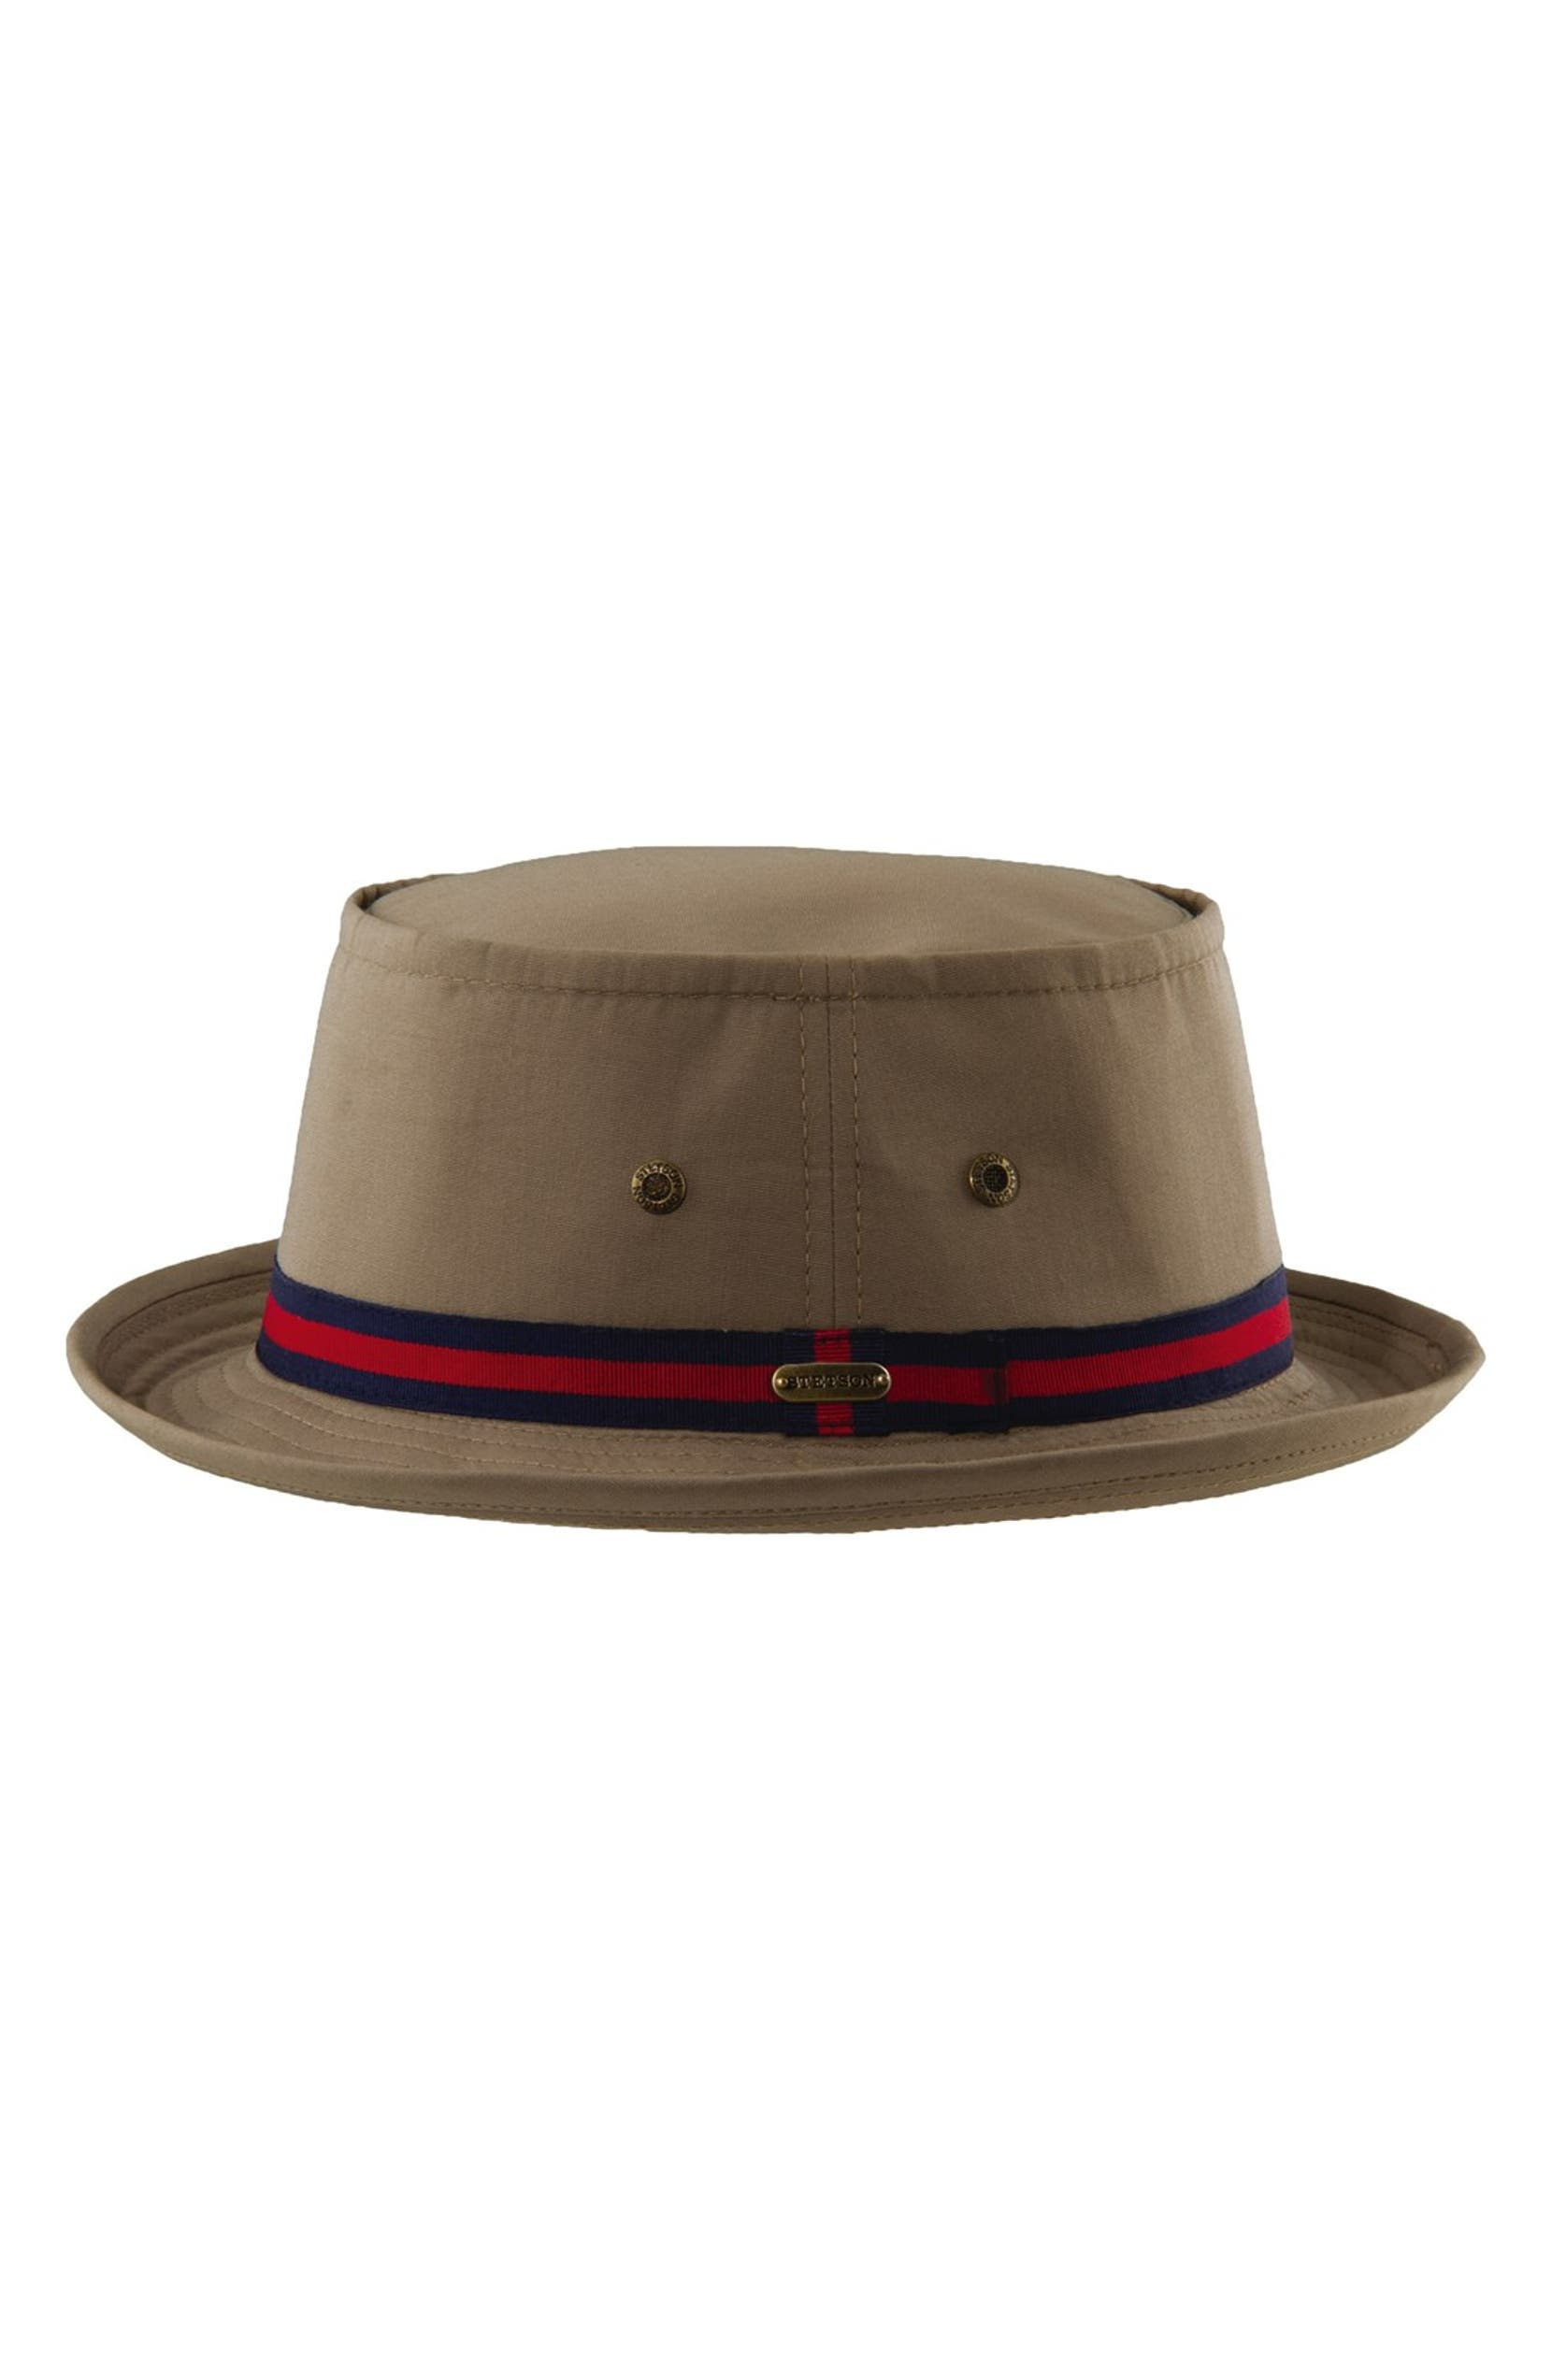 Stetson  Fairway  Canvas Bucket Hat  cfd552d0c88